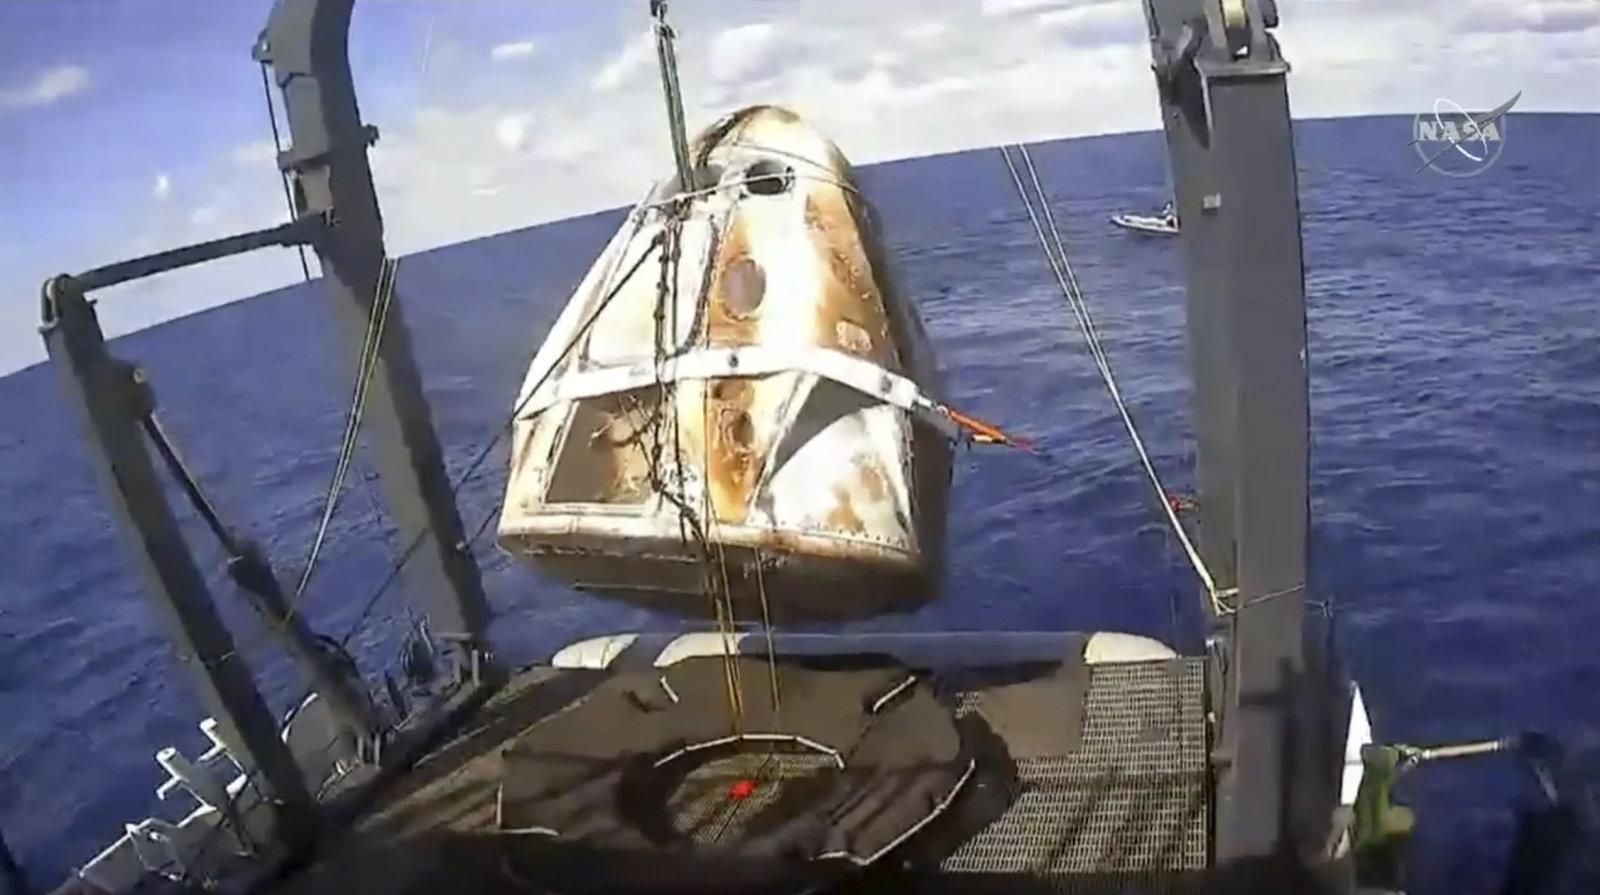 SpaceX confirma que la cápsula Dragon fue destruida durante una prueba y podría afectar los lanzamientos de la tripulación